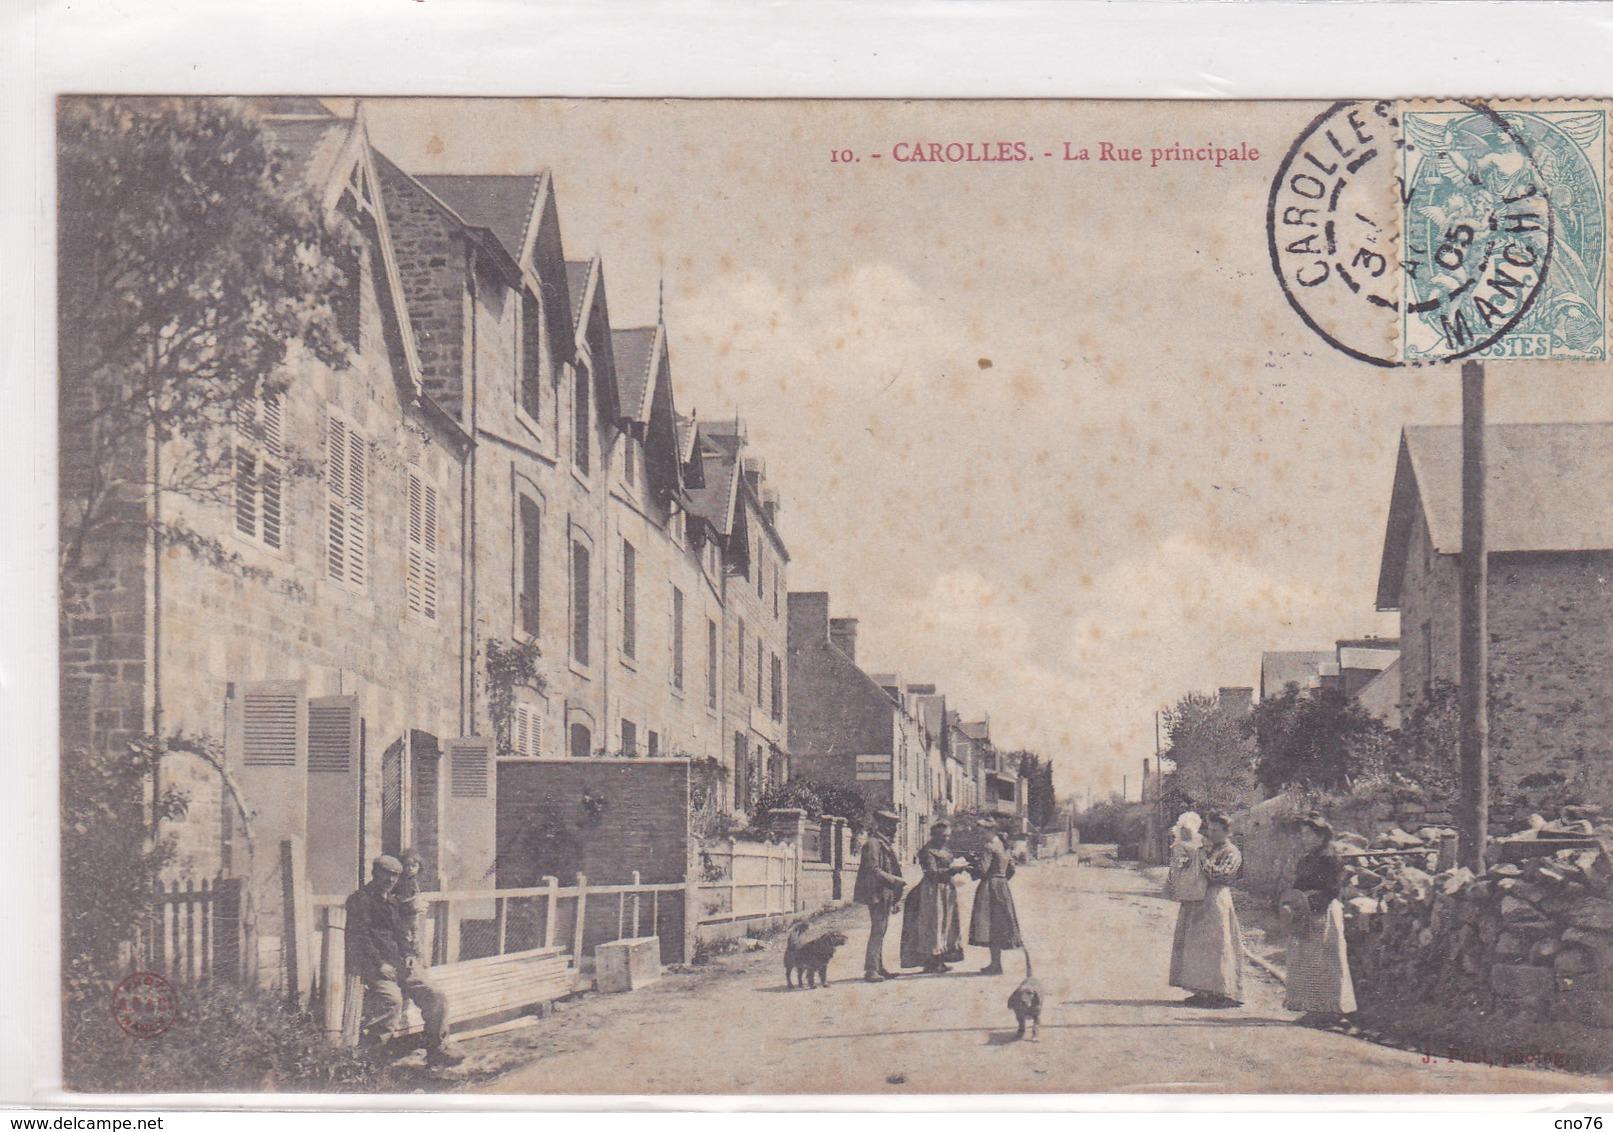 Carolles La Rue Principale N° 10 - France